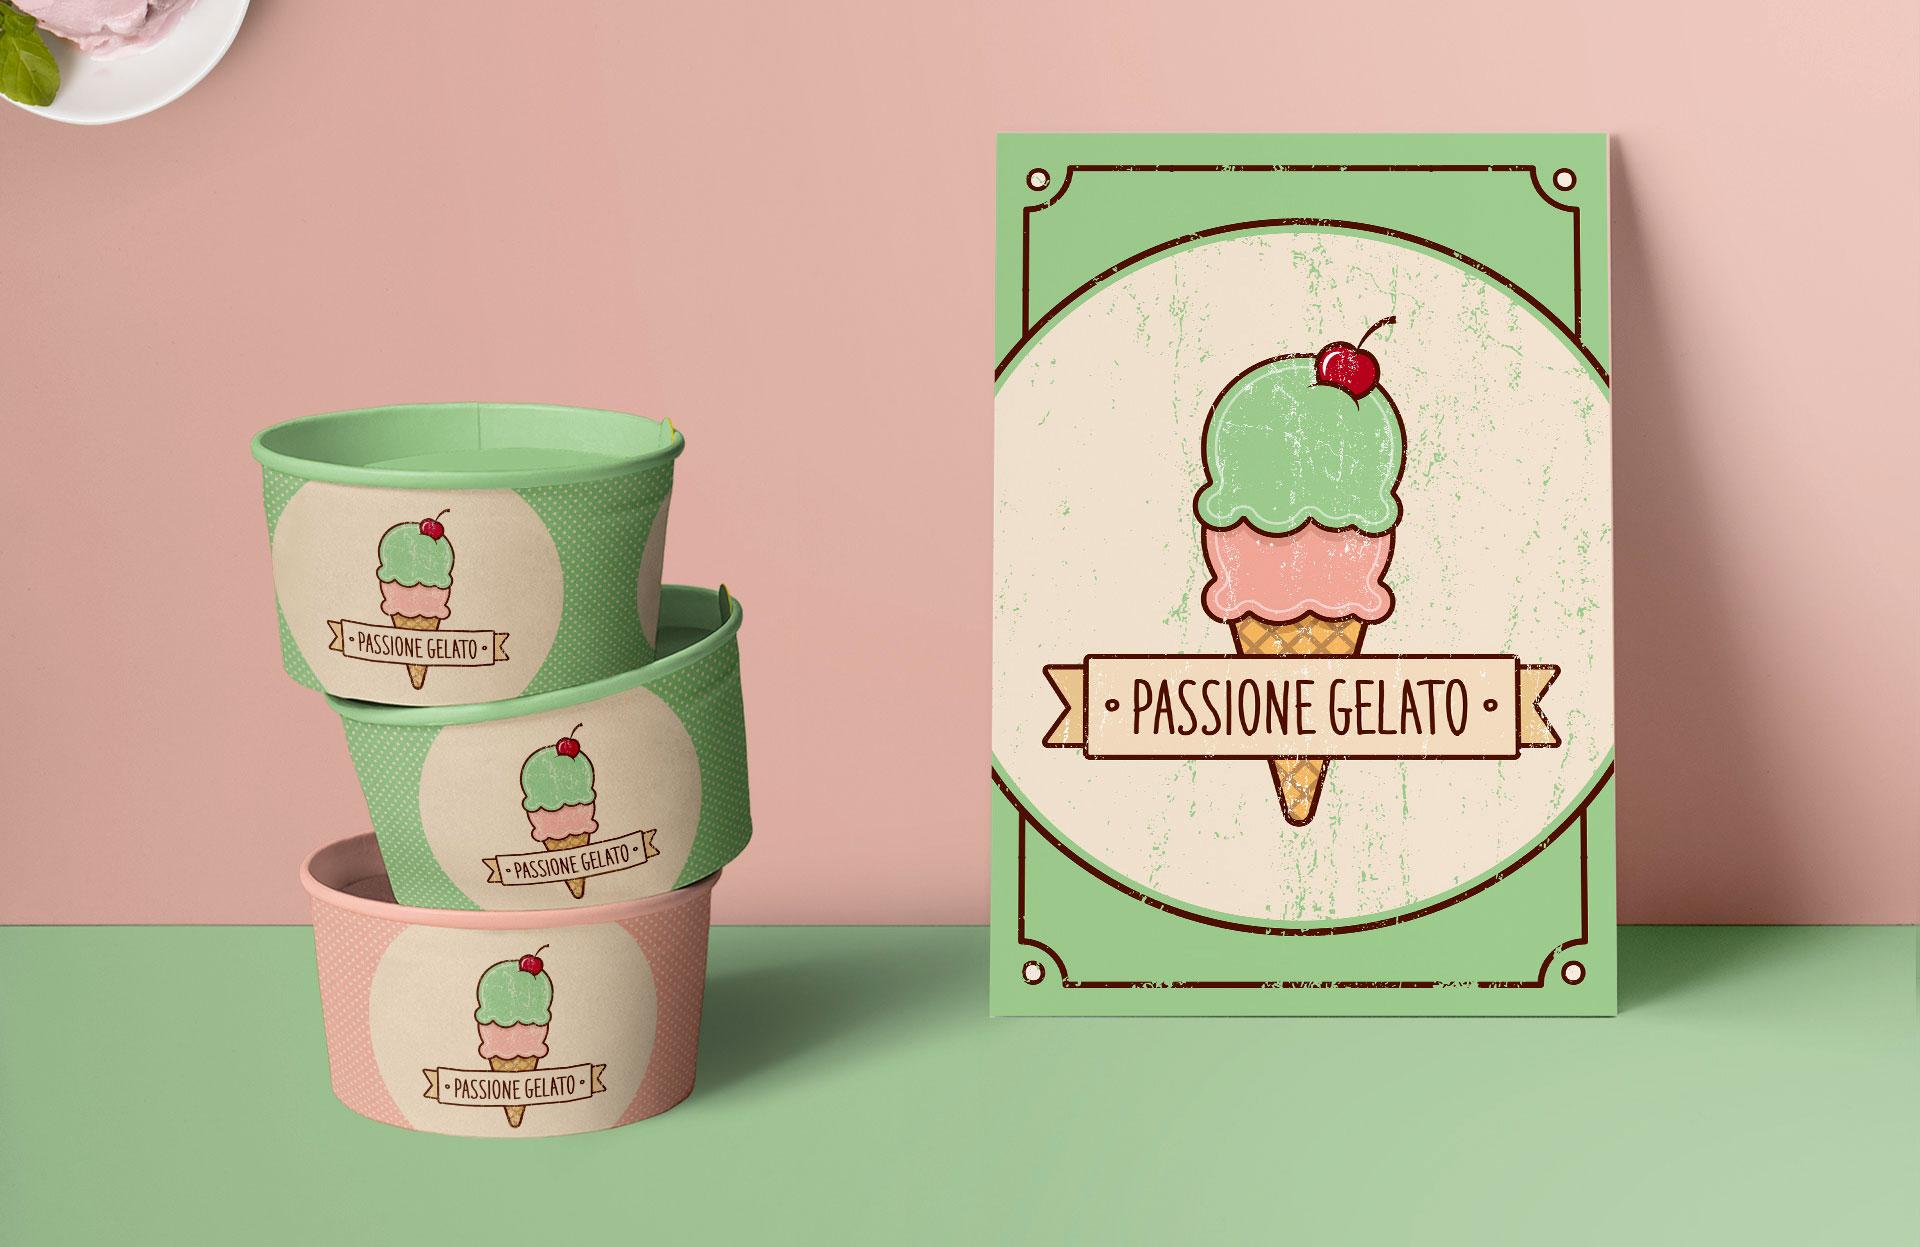 Passione-gelato-flyer-cups-016studio